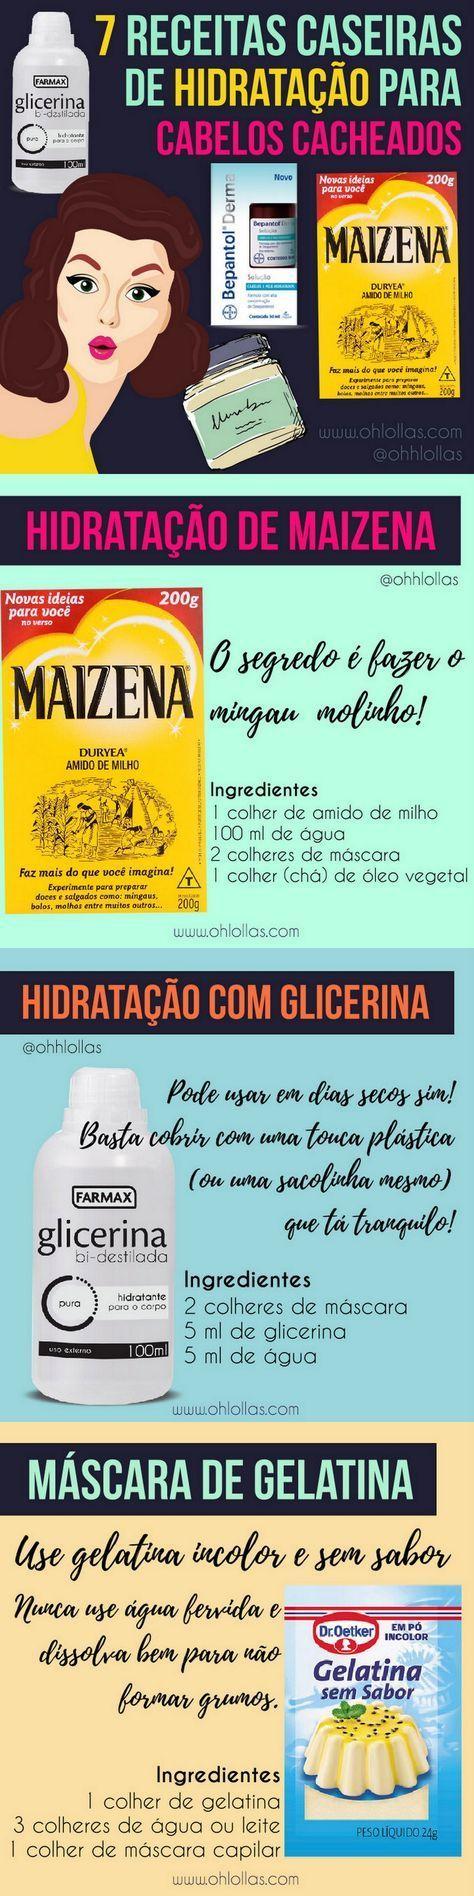 7 RECEITAS DE HIDRATAÇÃO PARA CABELOS CACHEADOS E CRESPOS - Receitas caseiras para hidratação (maizena, glicerina, abacate com mel, desmaia cabelo caseiro...), nutrição (óleos vegetais e leite de coco) e reconstrução com queratina líquida para cronograma capilar, transição capilar.